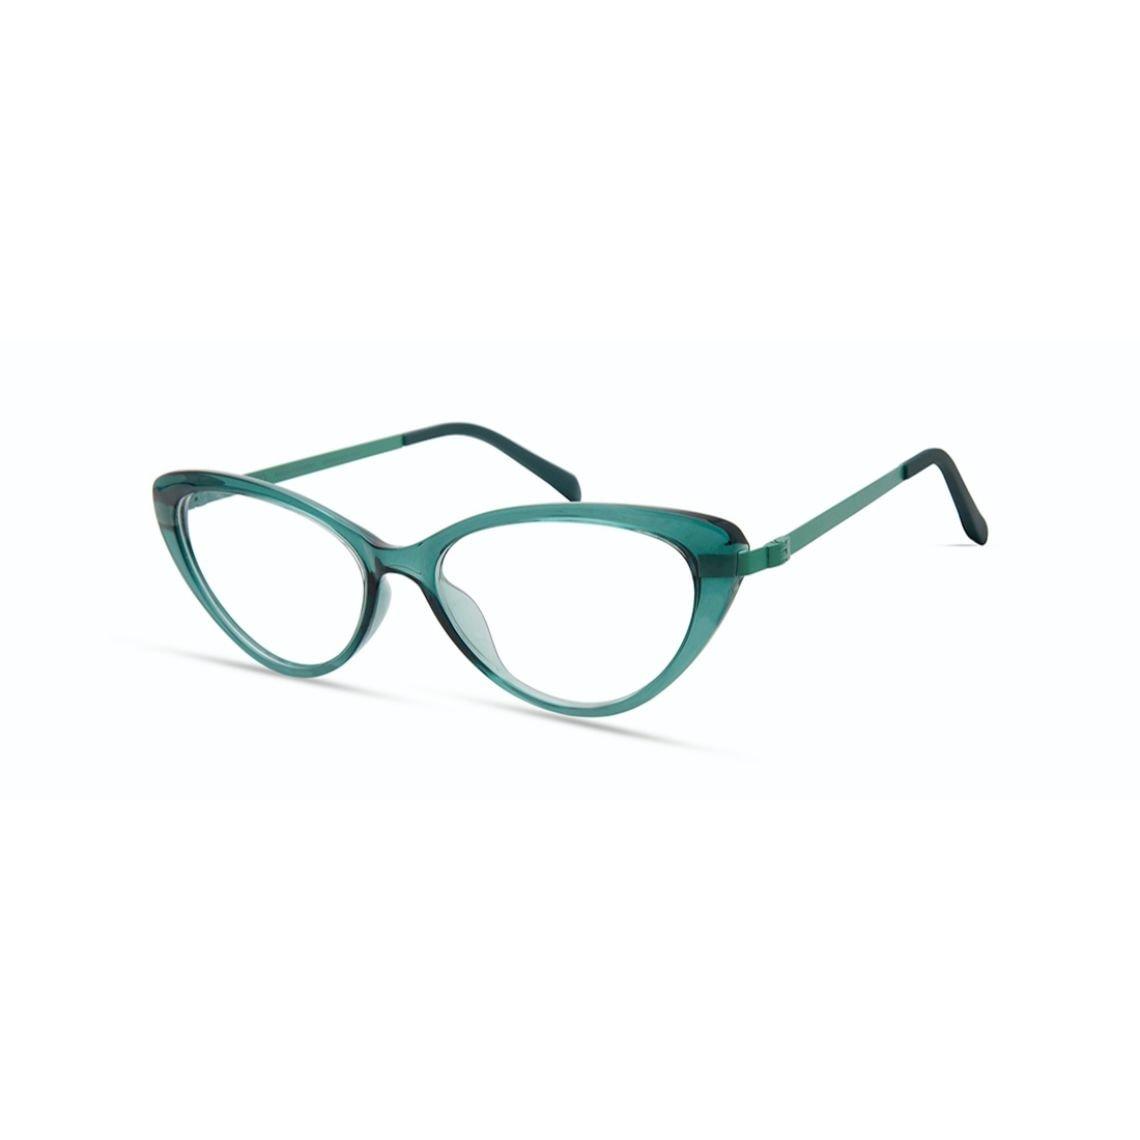 Eco Iona Turquoise 5316